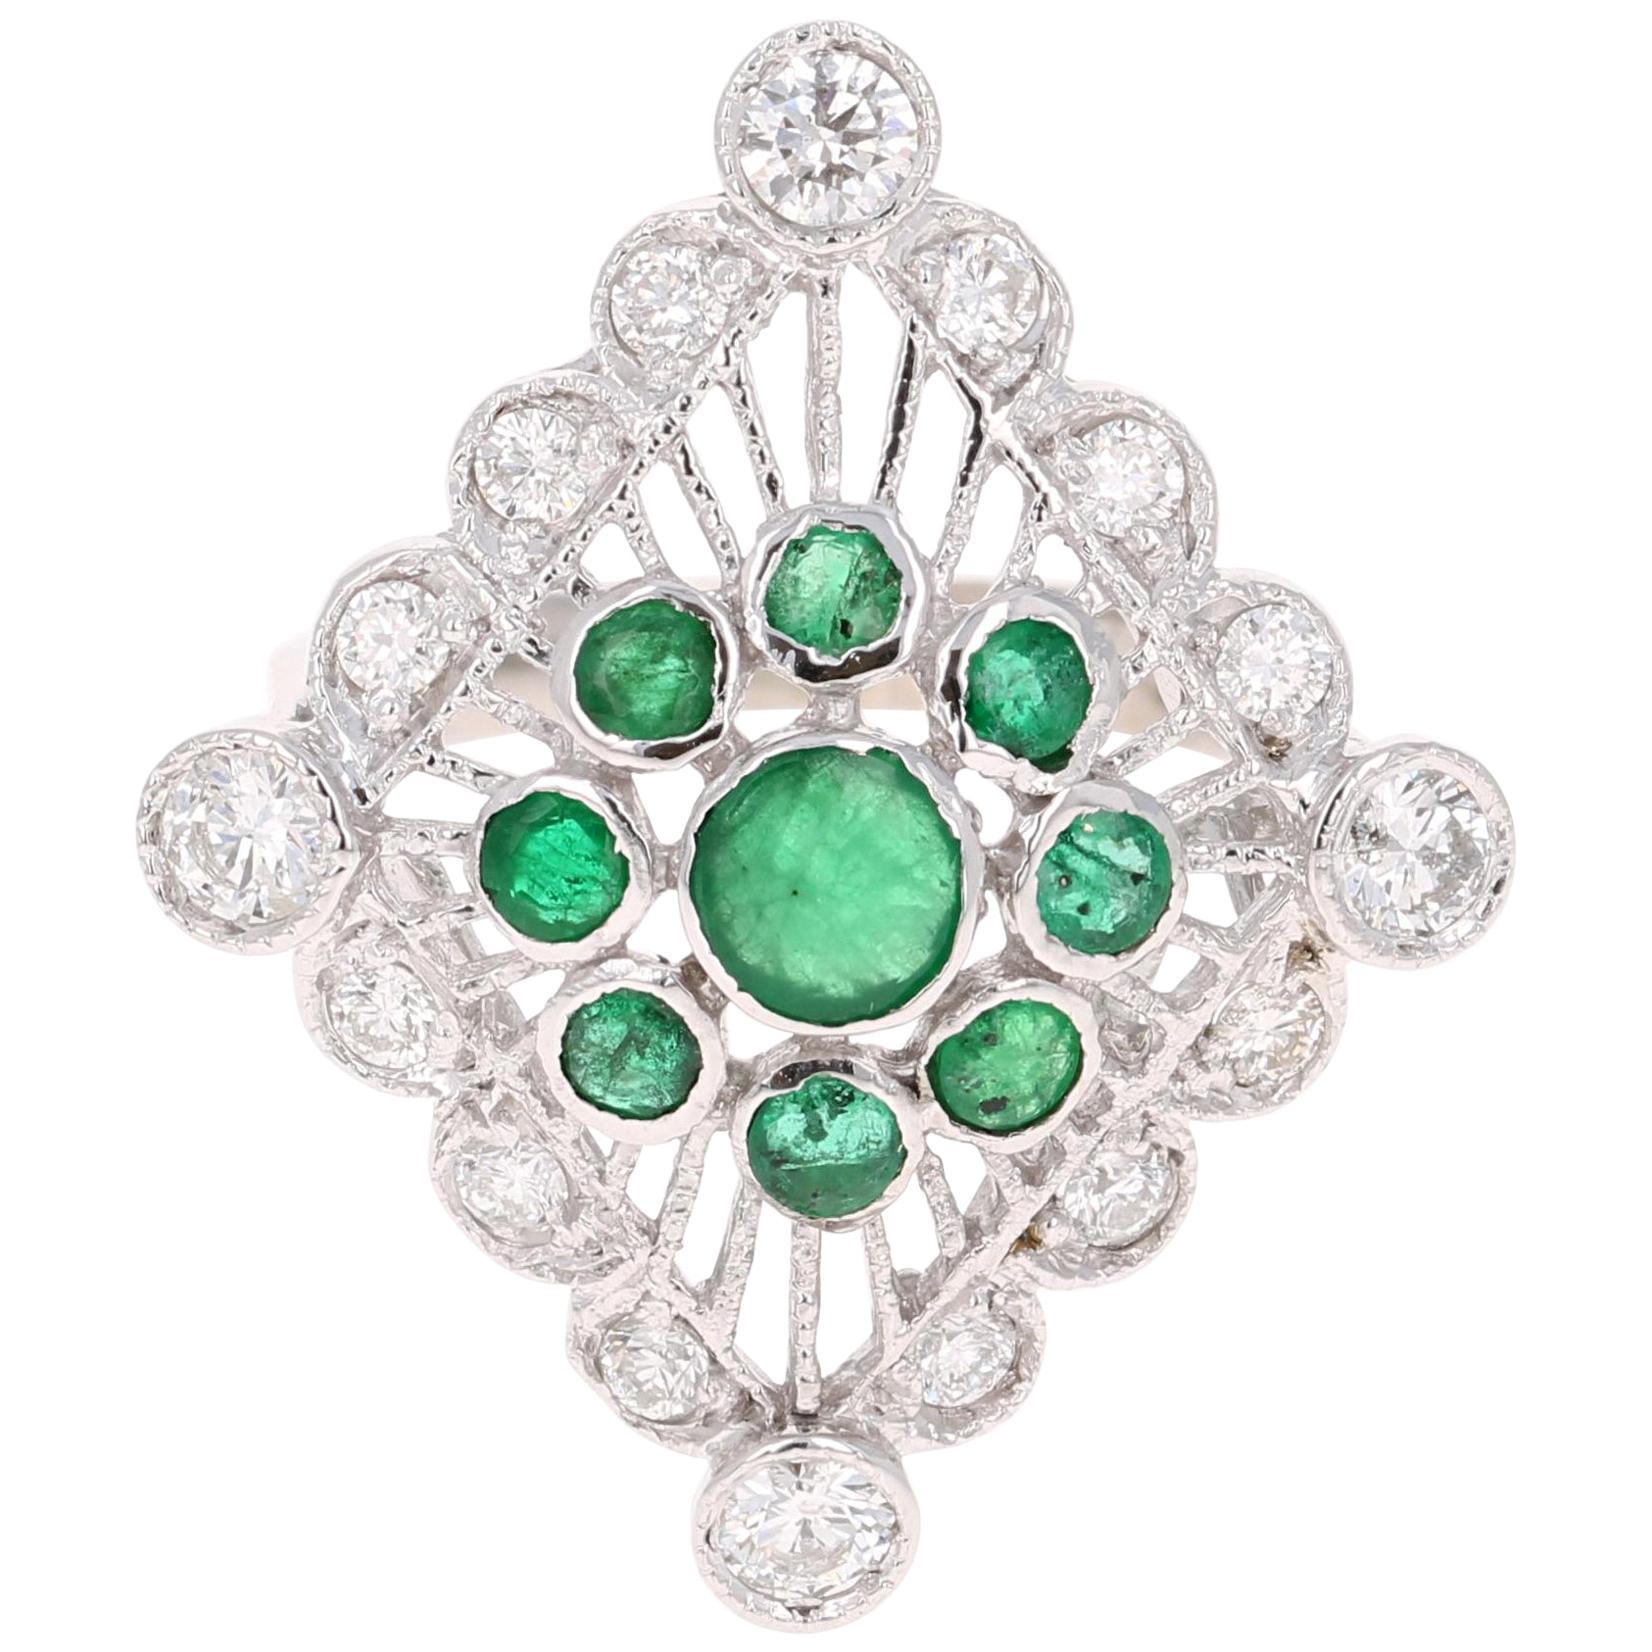 2.16 Carat Emerald Diamond Cluster 14 Karat White Gold Cocktail Ring